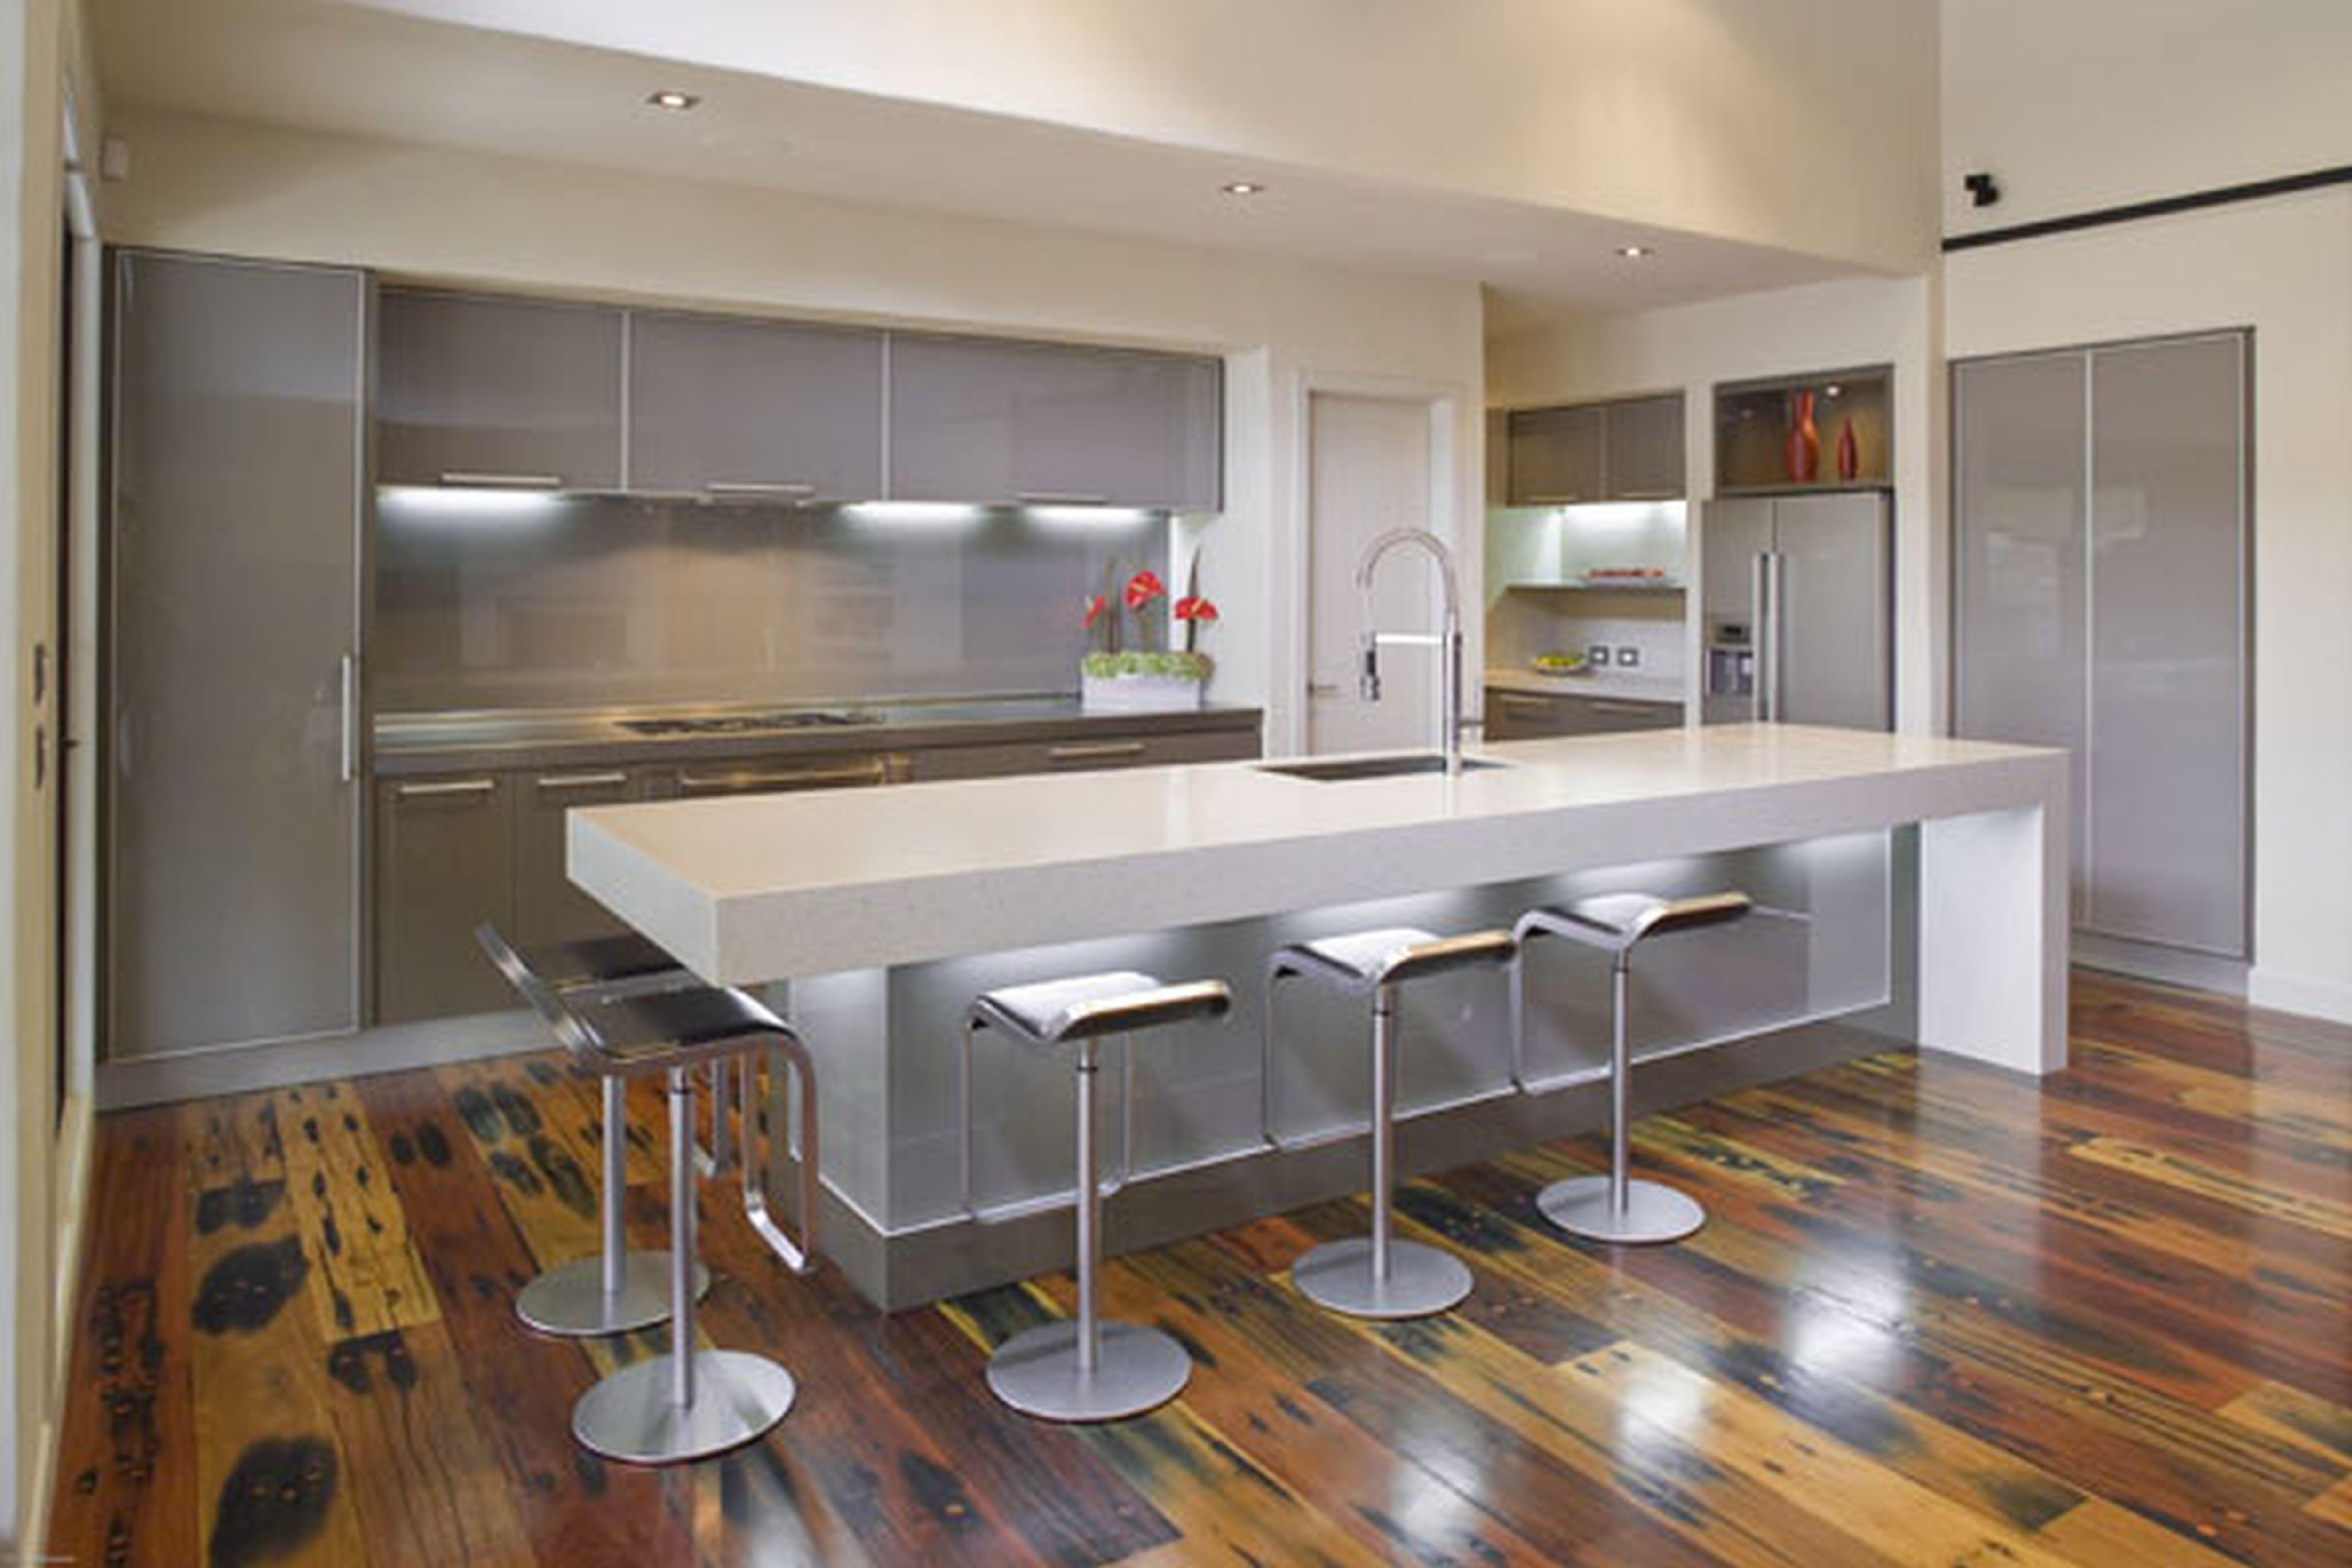 Modern kitchen great kitchen island design ideas in modern style